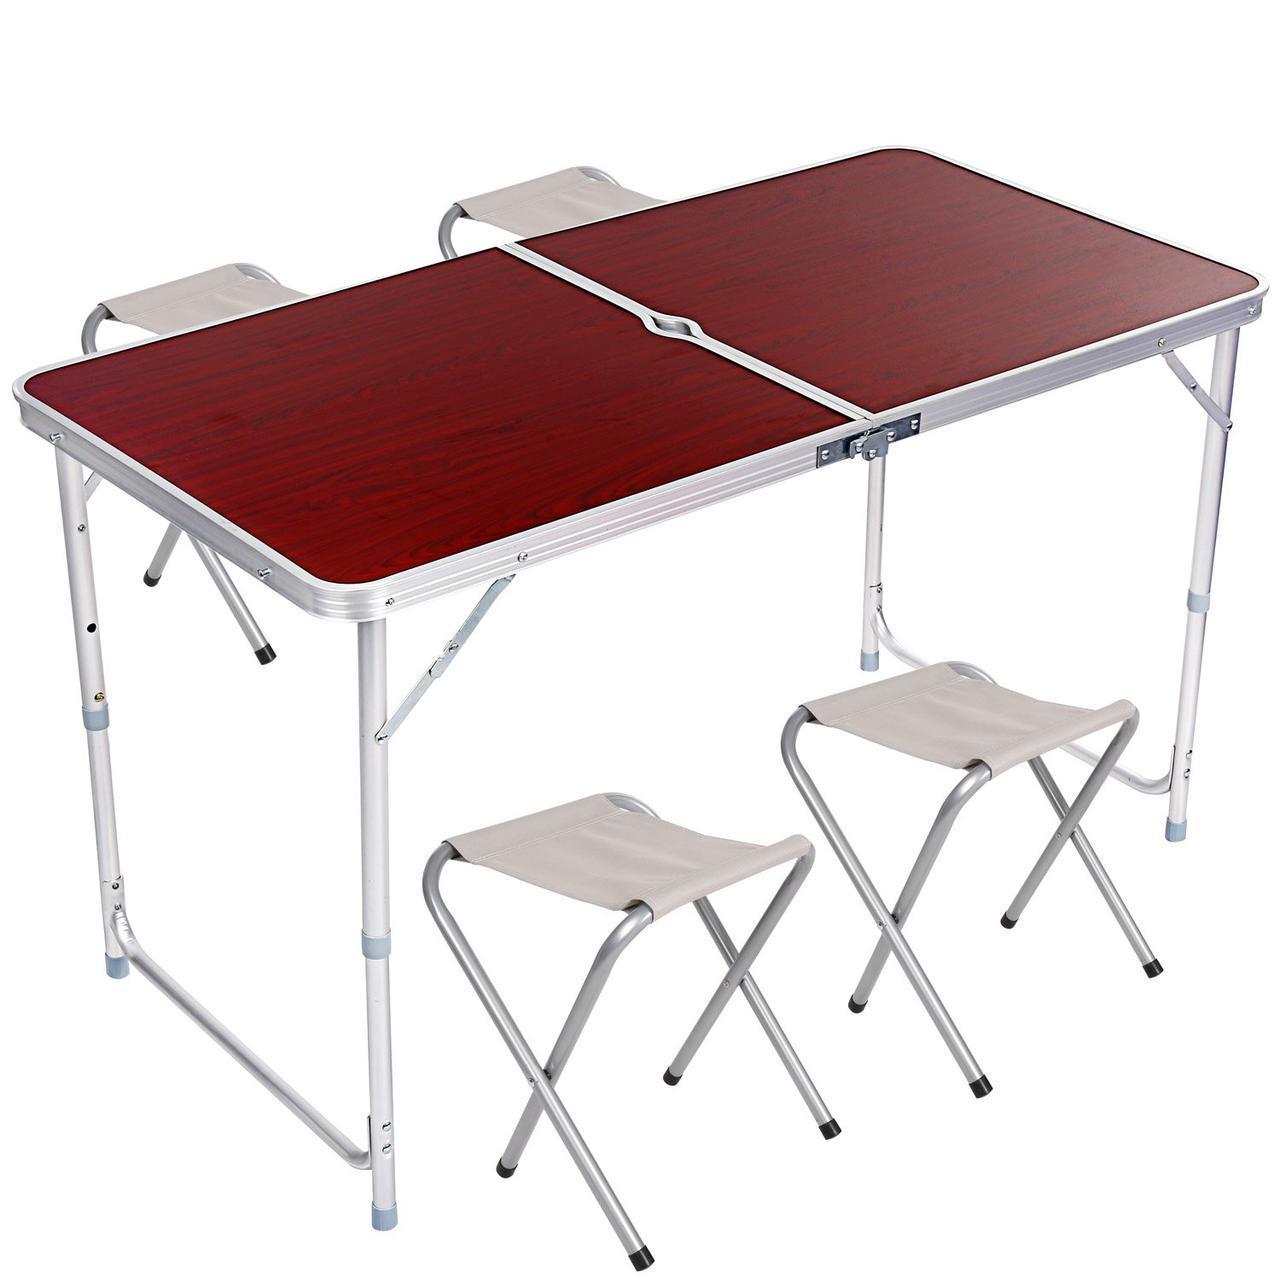 Складной стол для пикника 120 х 70 см + 4 стула, Folding Table, кемпинговый стол, стіл складний